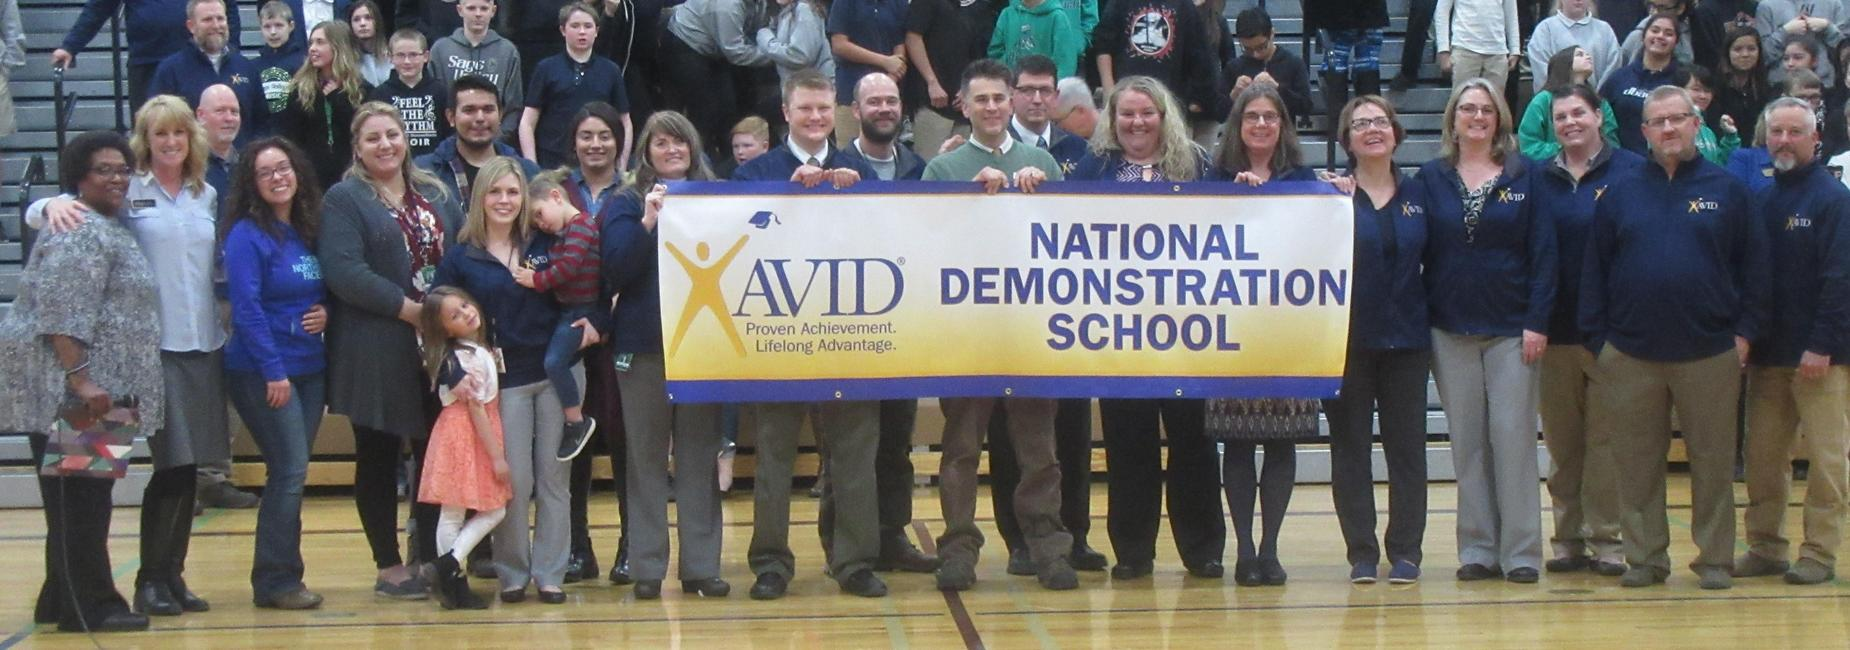 AVID Demonstration School